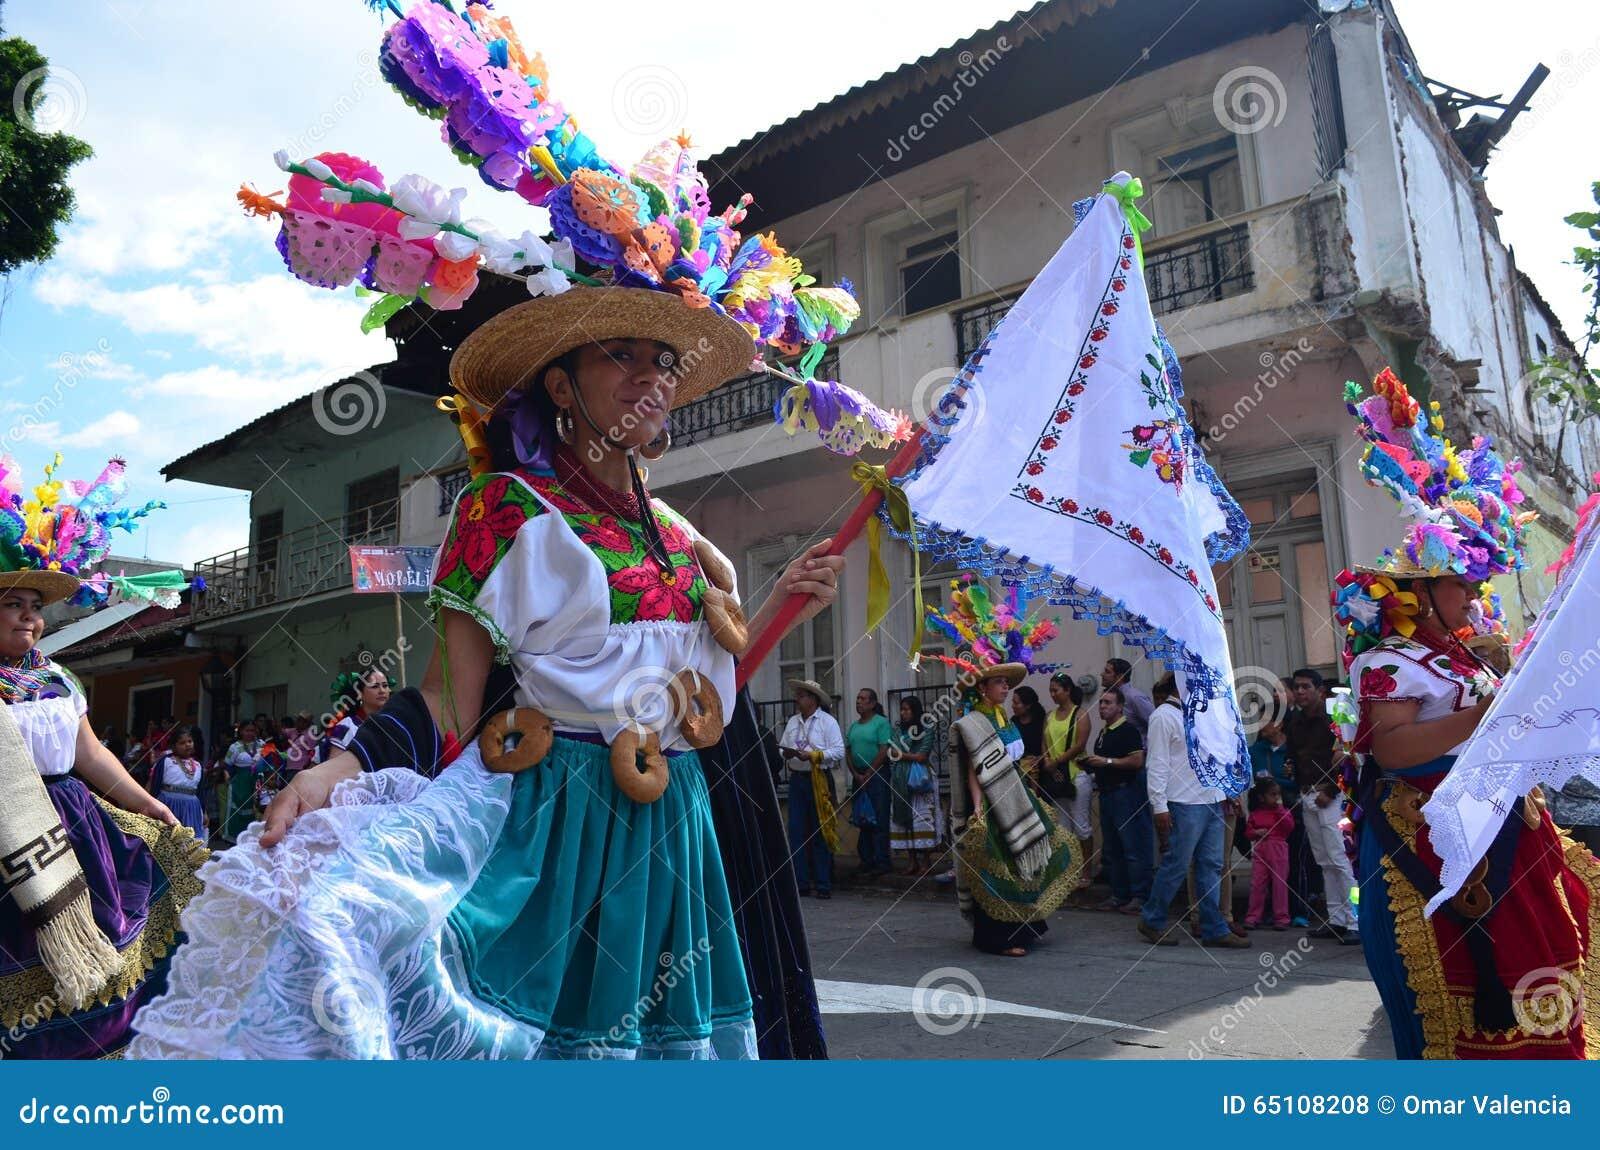 Woman at the parade of craftsman in Uruapan